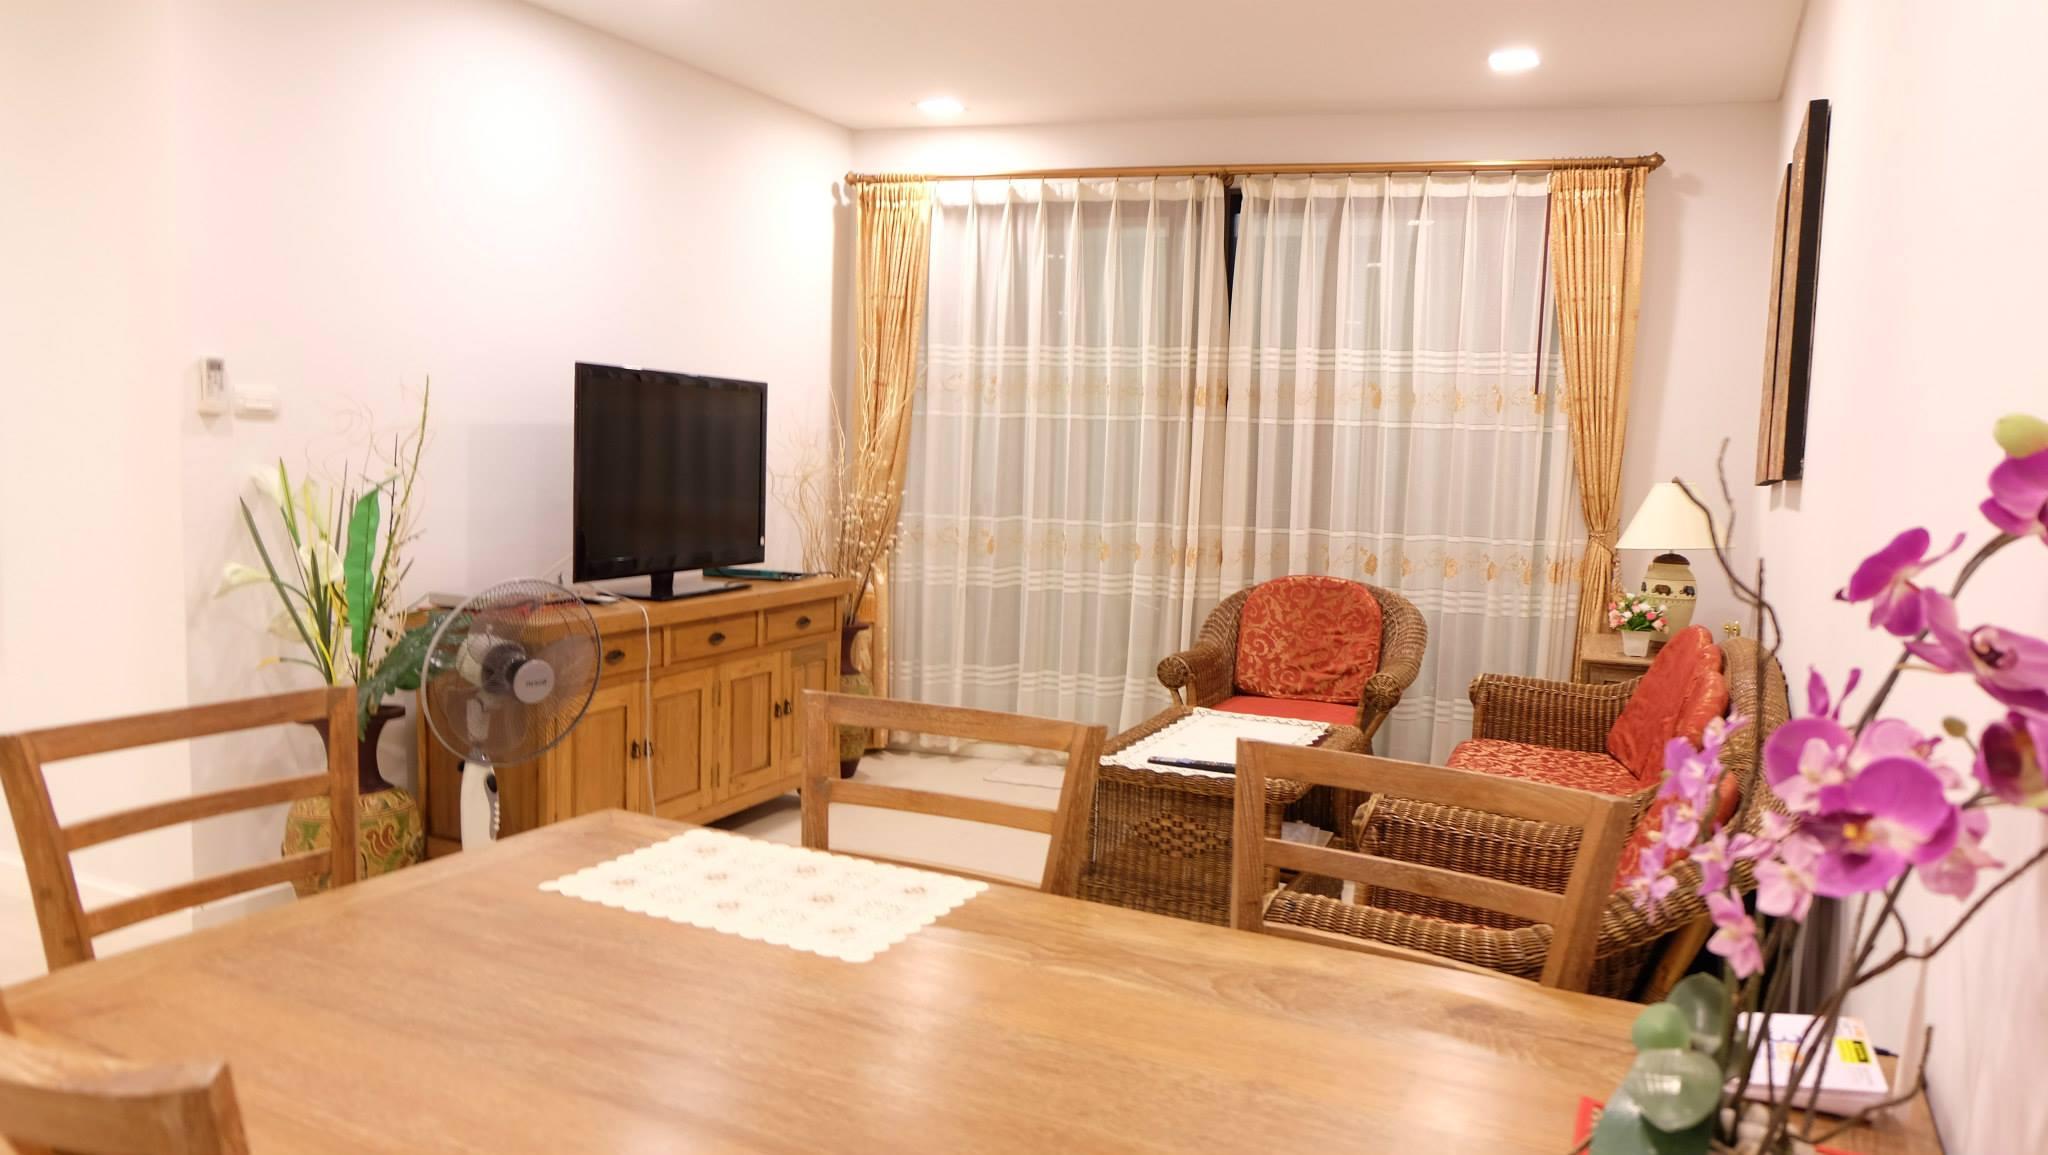 Квартира с тремя спальнями, вид на сад. Марракеш.